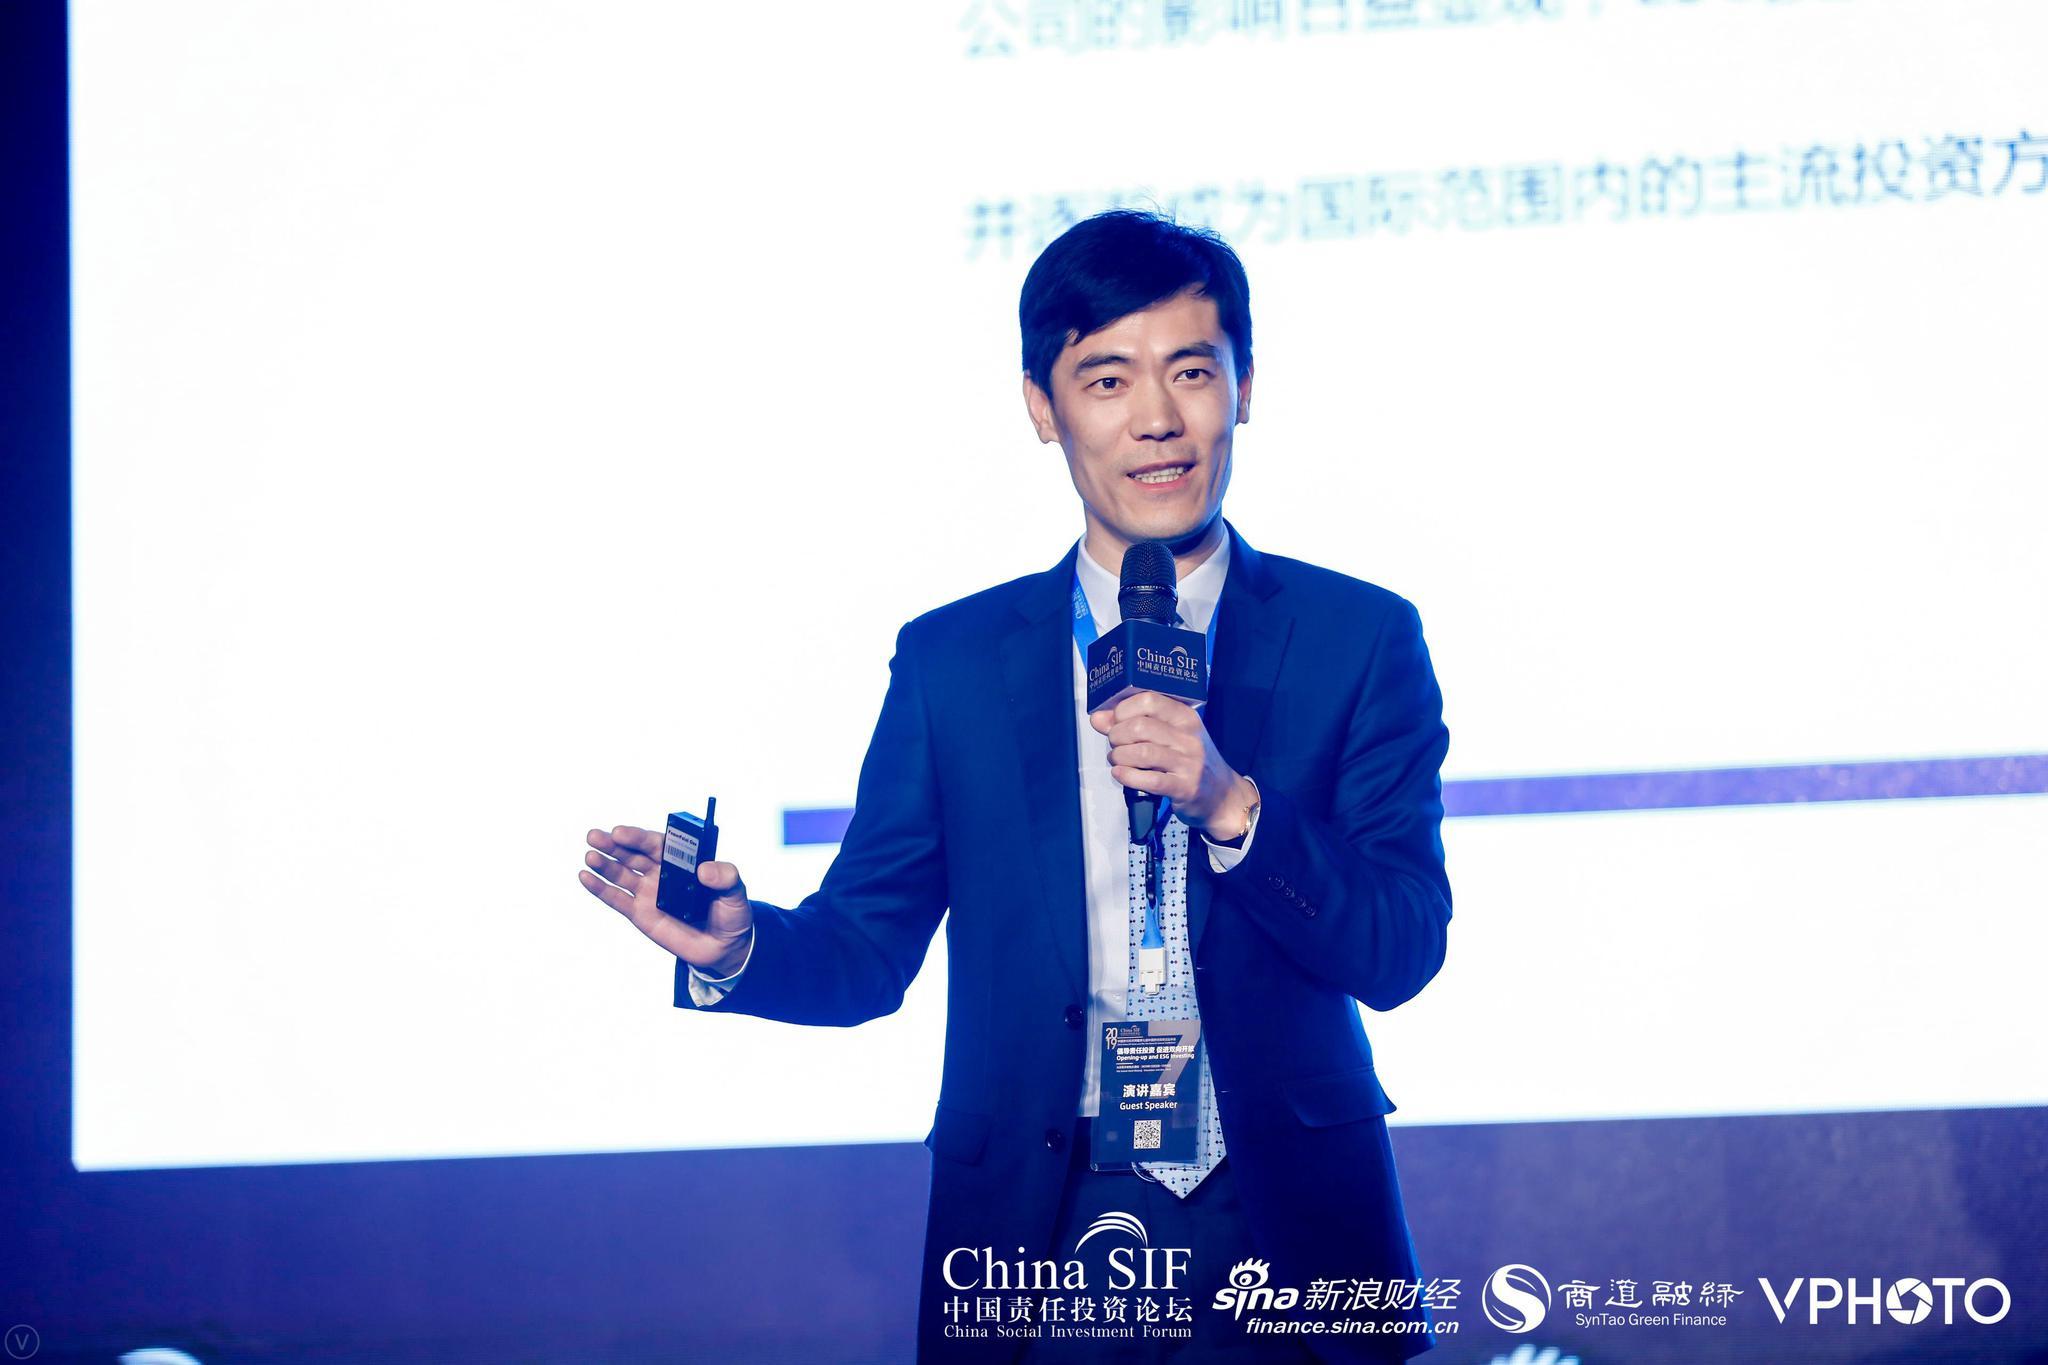 南方基金吴增涛:践行并推动ESG投资在中国市场落地